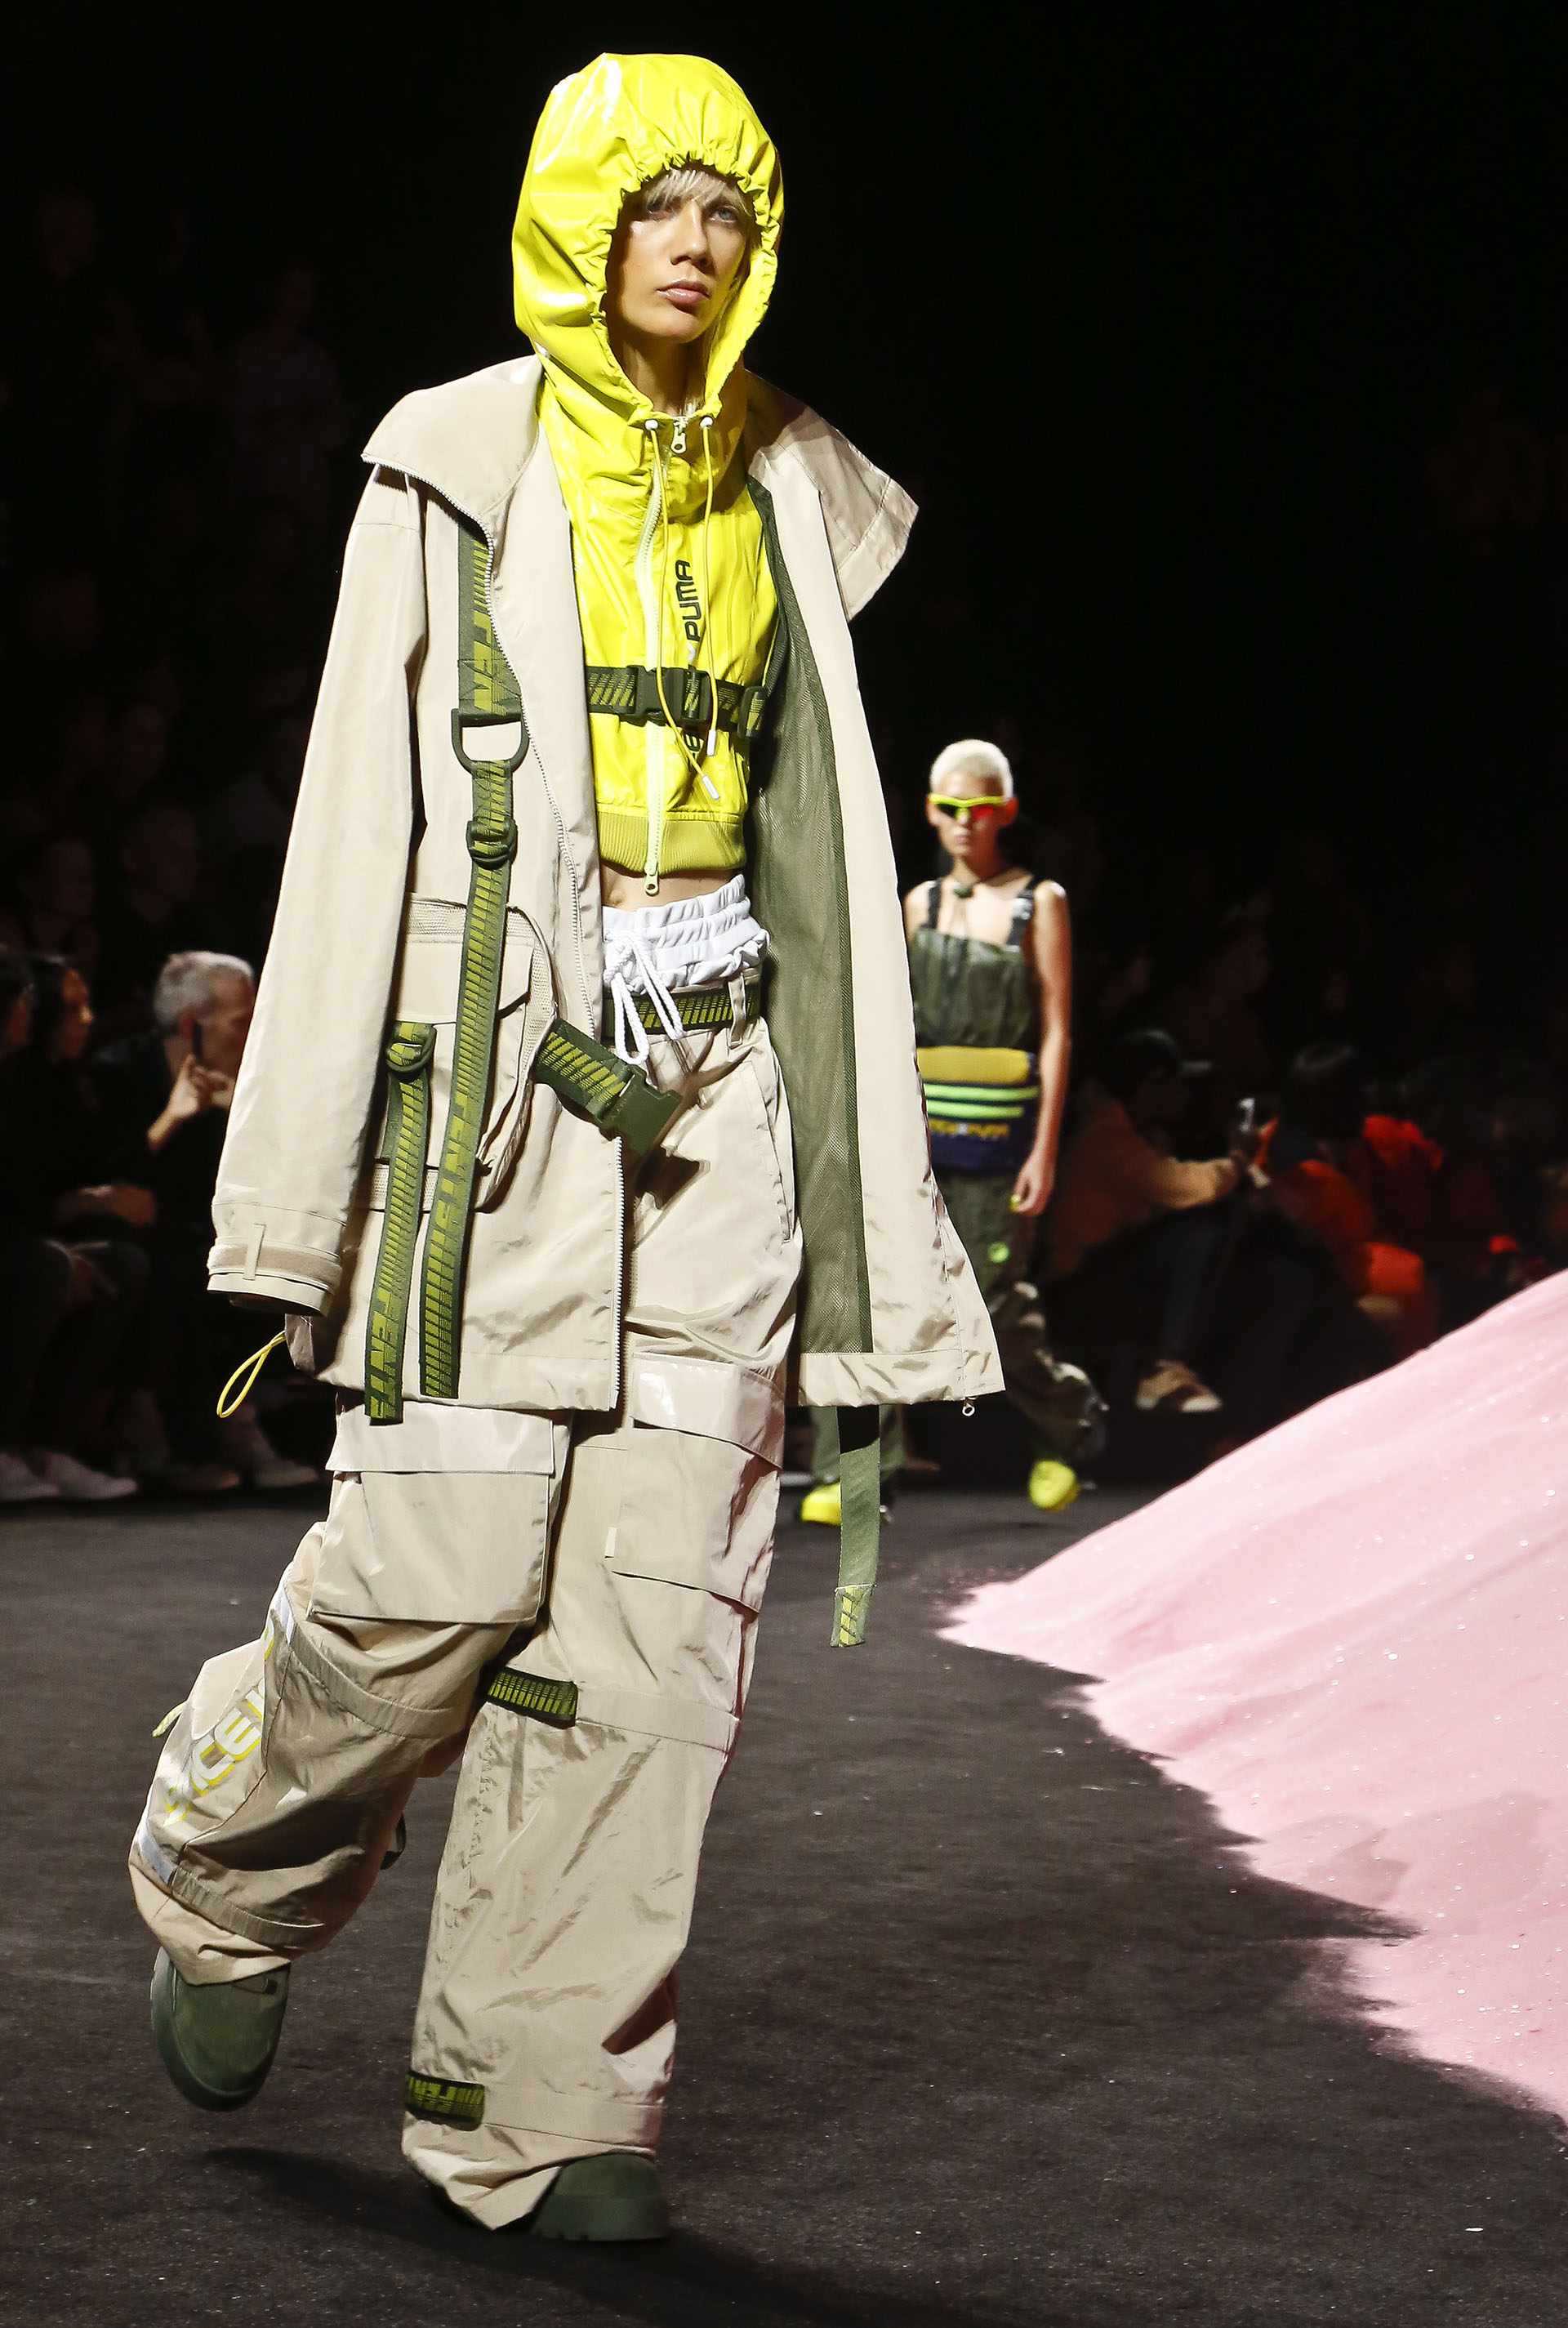 La silueta oversize, sello característico de la firma en chaquetas, y pantalones anchos (AP Photo/Bebeto Matthews)